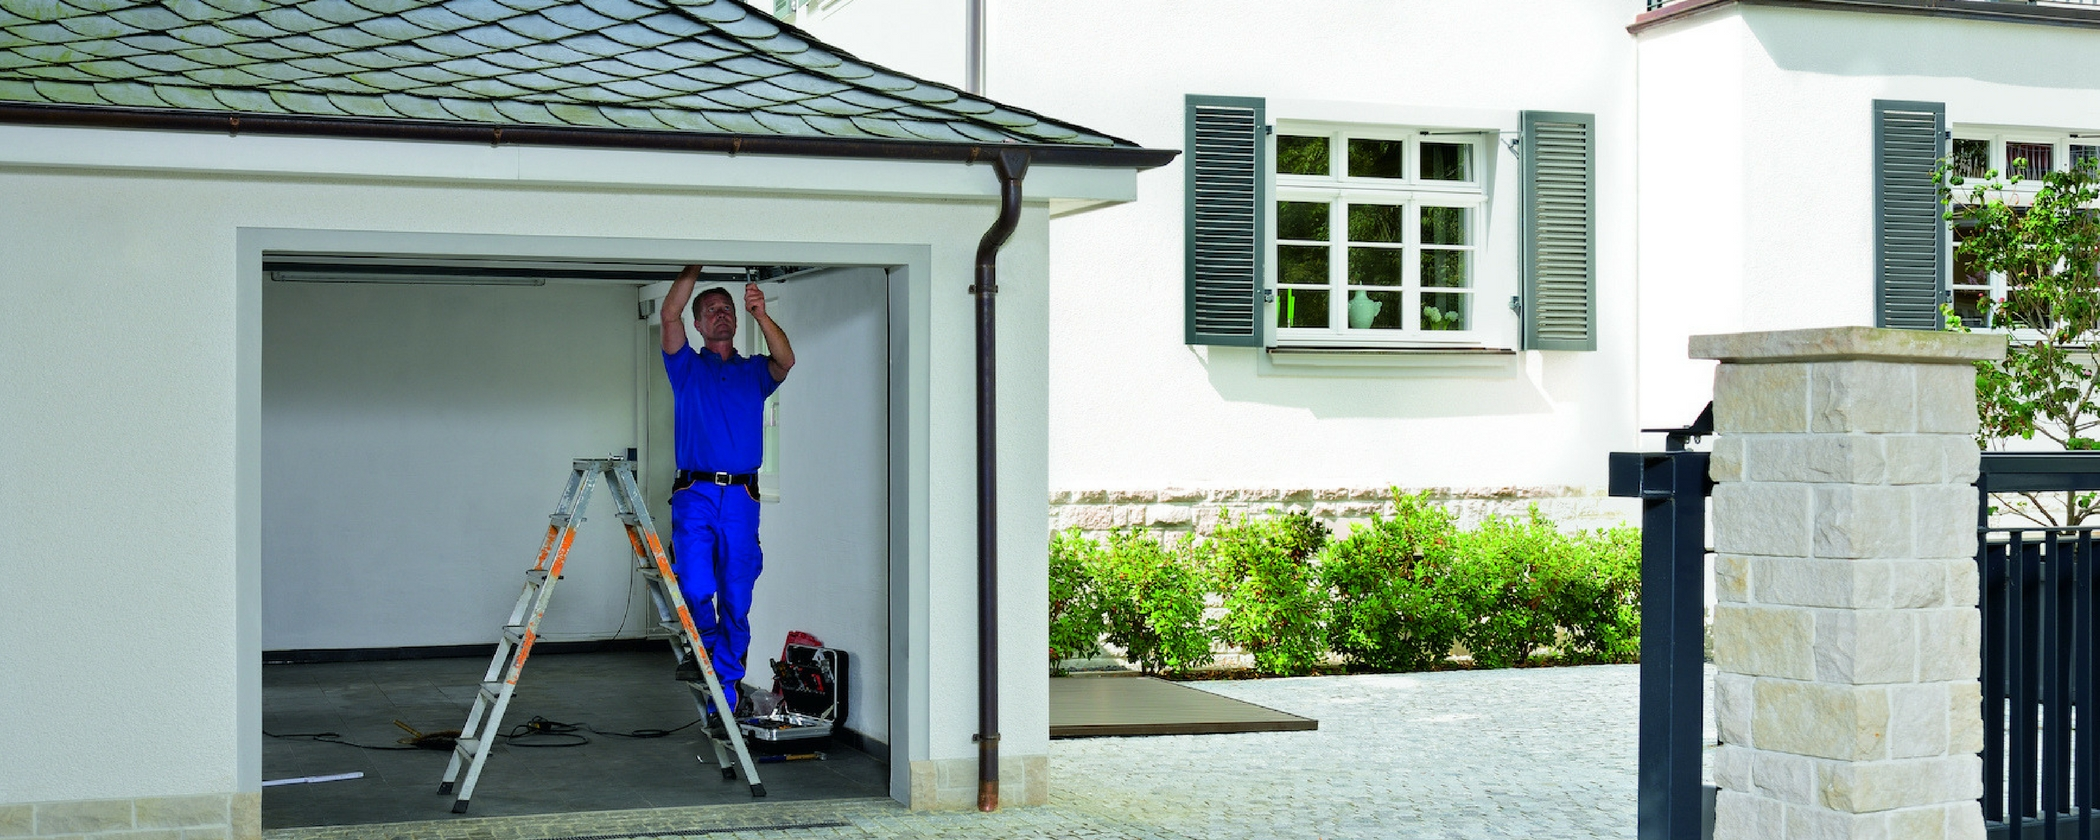 Favorit Garagentor einbauen - Hilfe vom Profi TE22